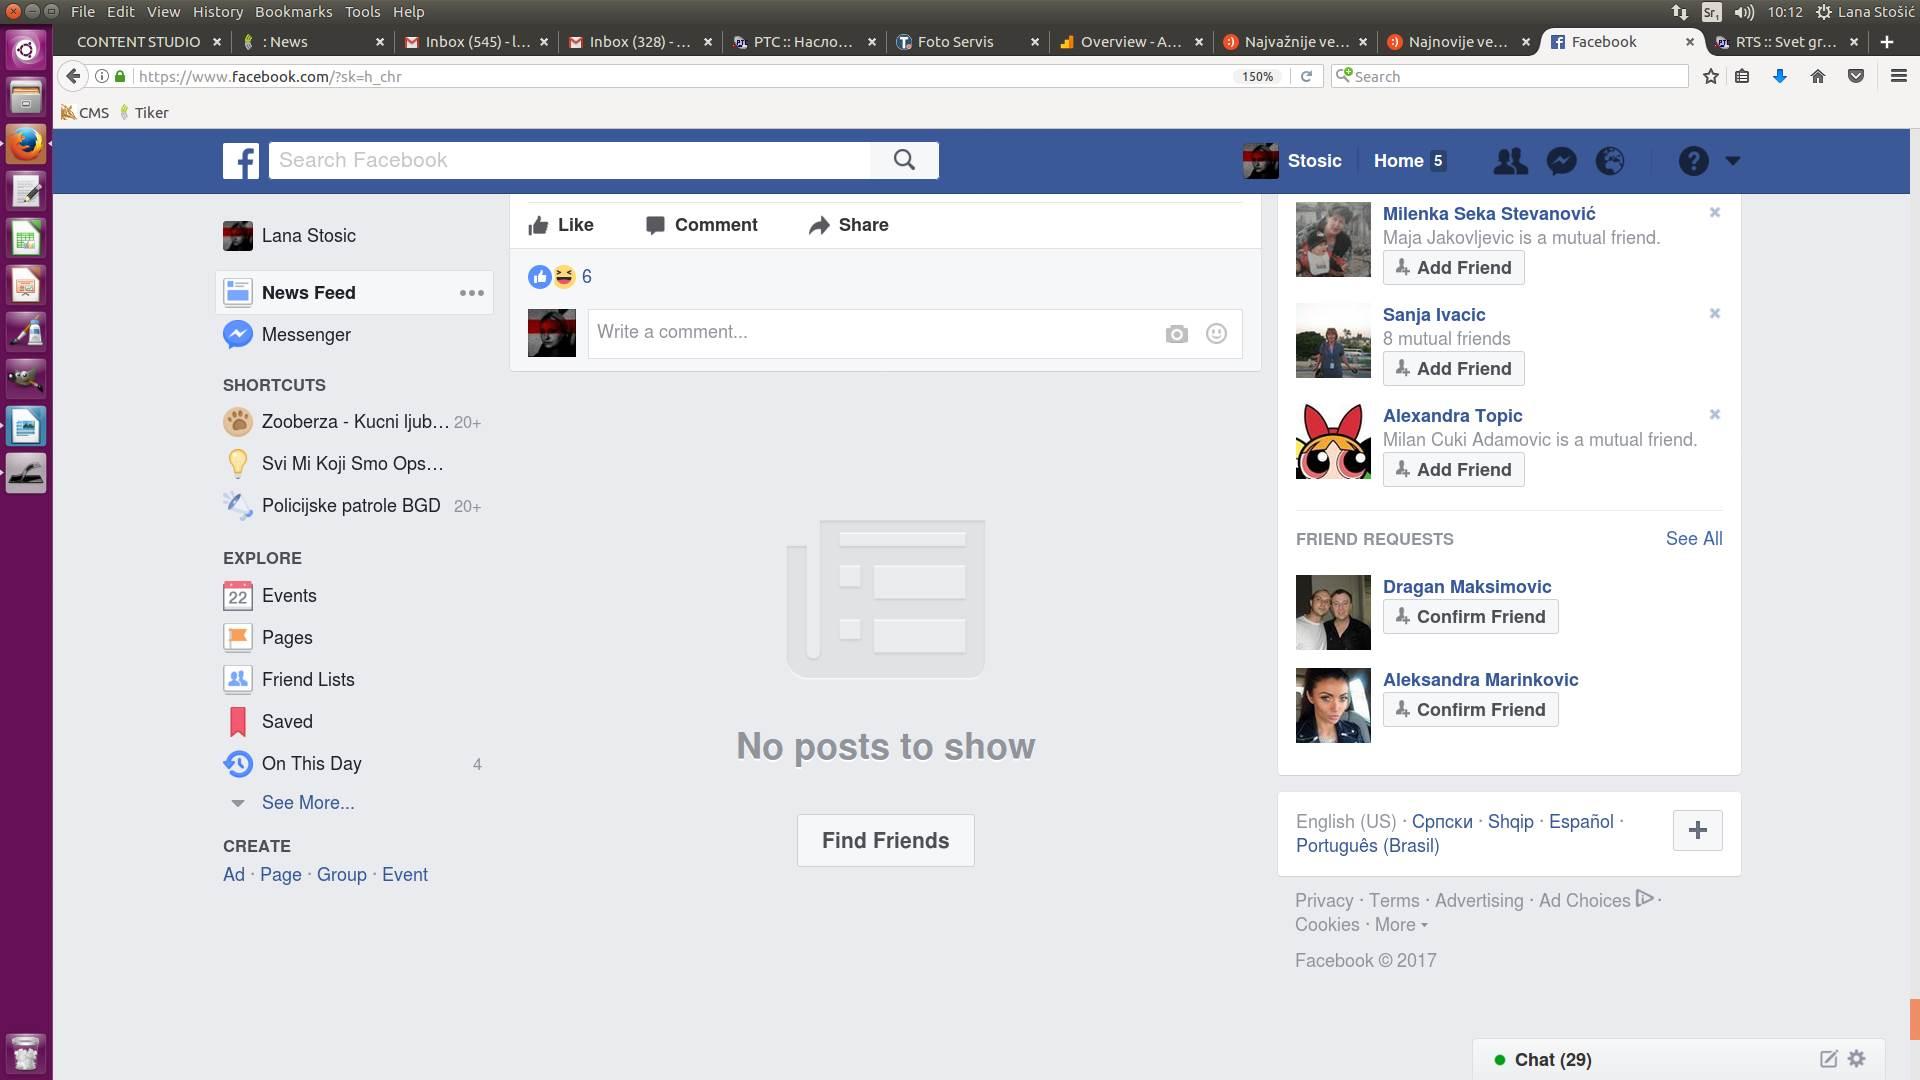 Pao Fejs, Fejs, FB, Face, Facebook, Fejsbuk